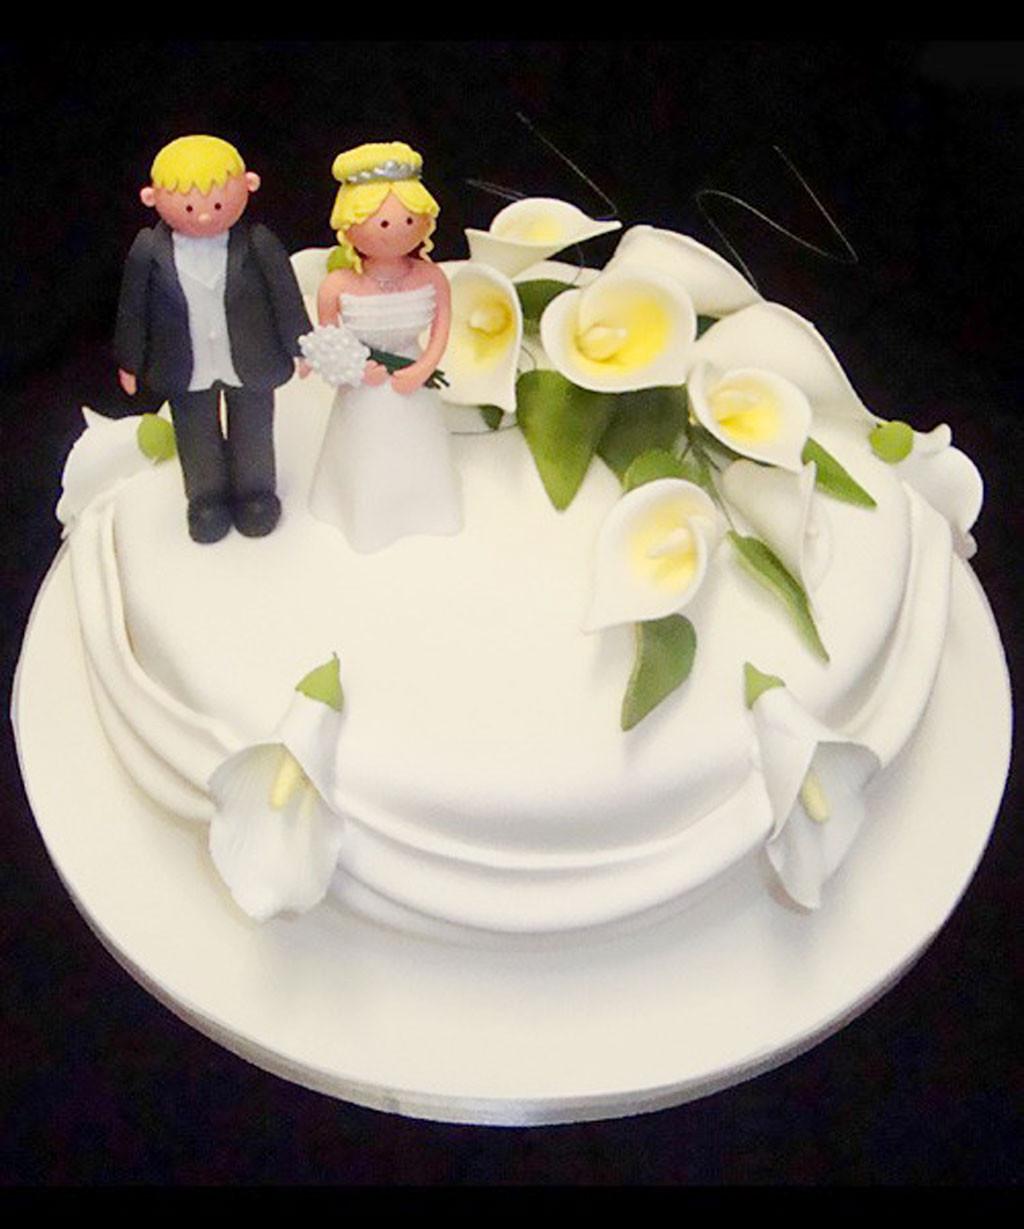 Two Layered Wedding Cakes  Single Layer Wedding Cake 2 Wedding Cake Cake